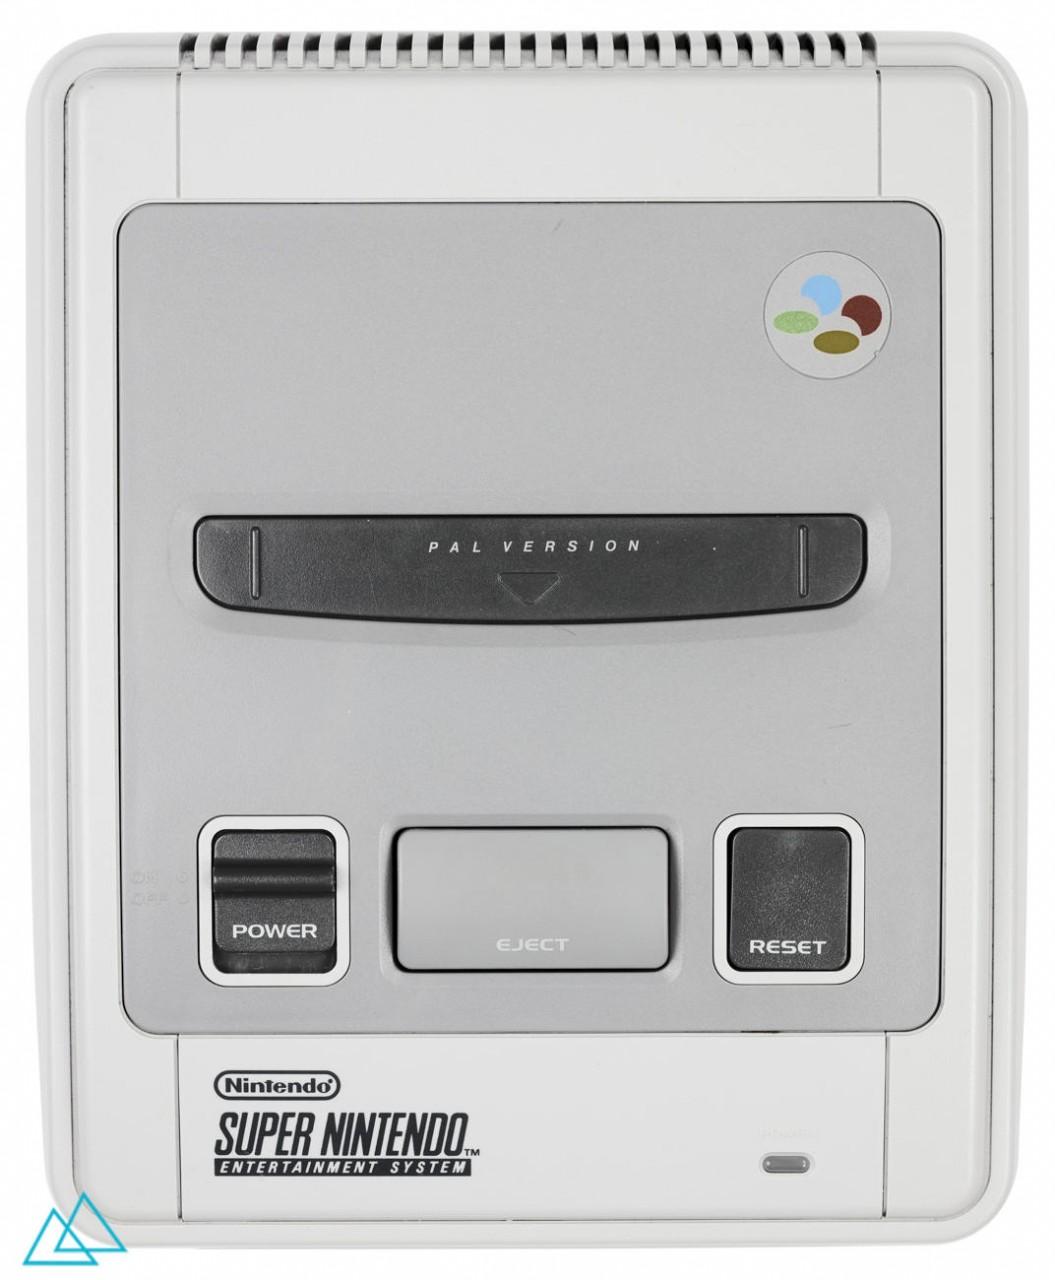 # 043 Nintendo Super Nintendo EU